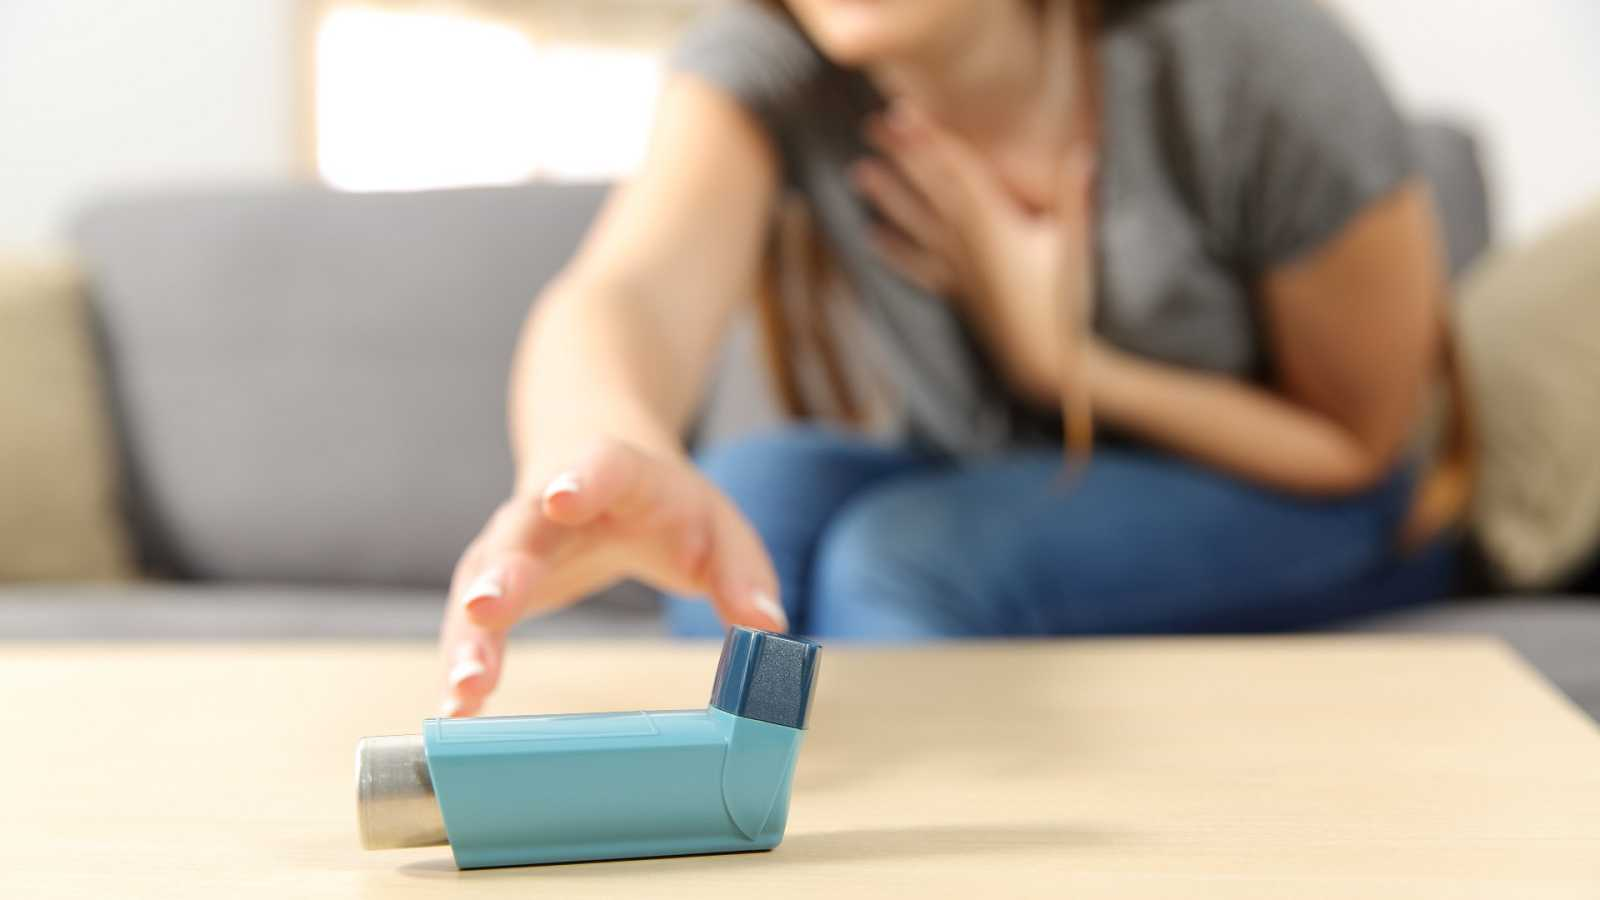 Más cerca - Asma: una enfermedad respiratoria prevalente e infratratada - Escuchar ahora